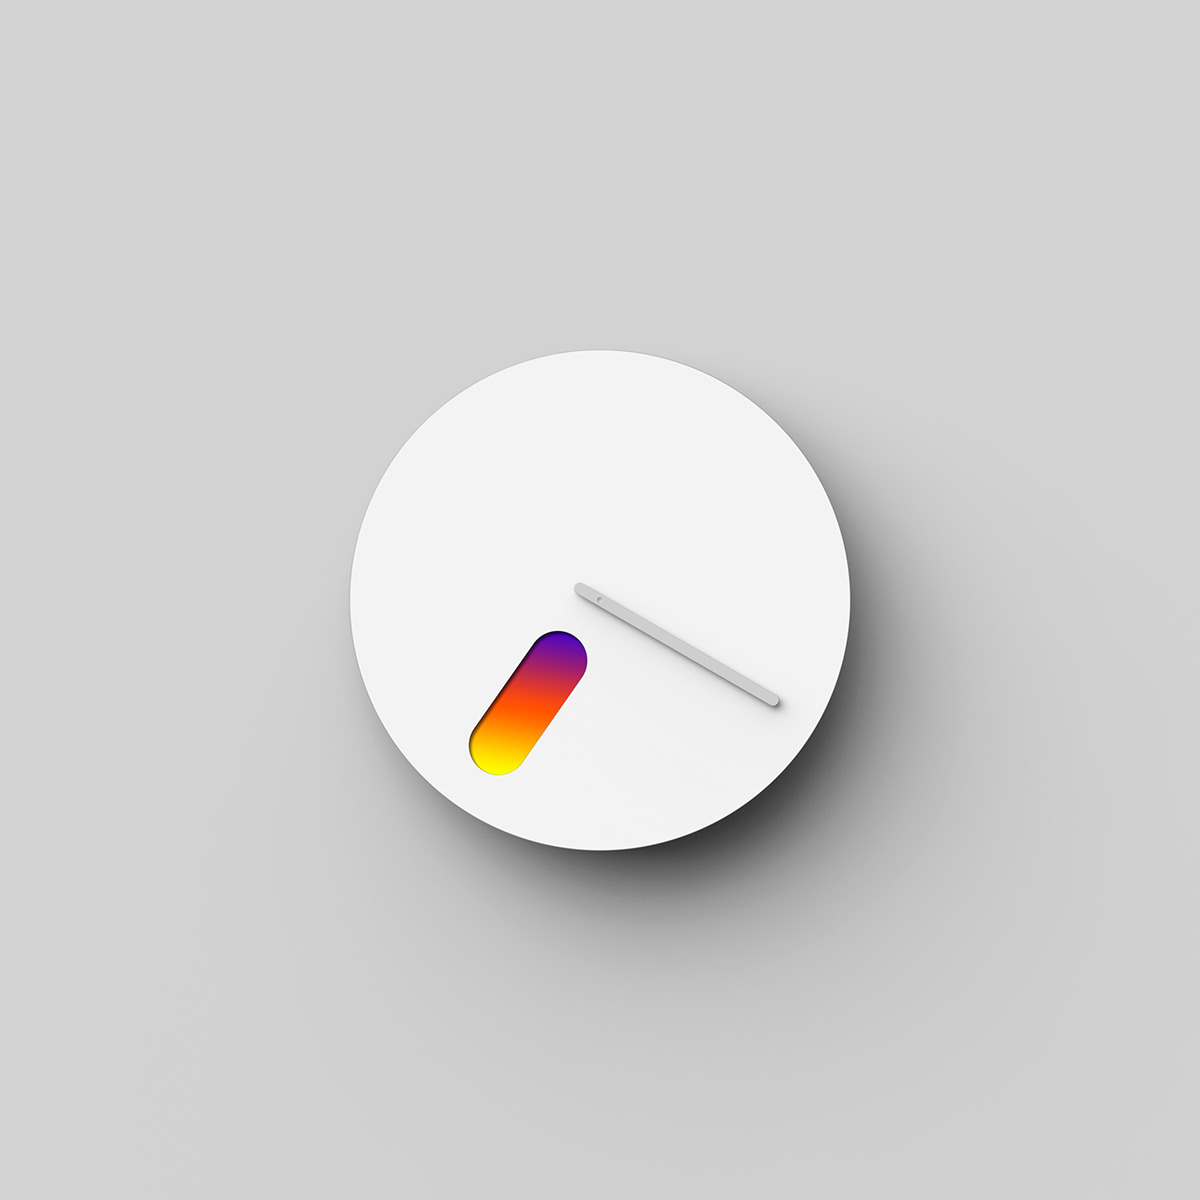 168703890006 – dae hoo kim color of time